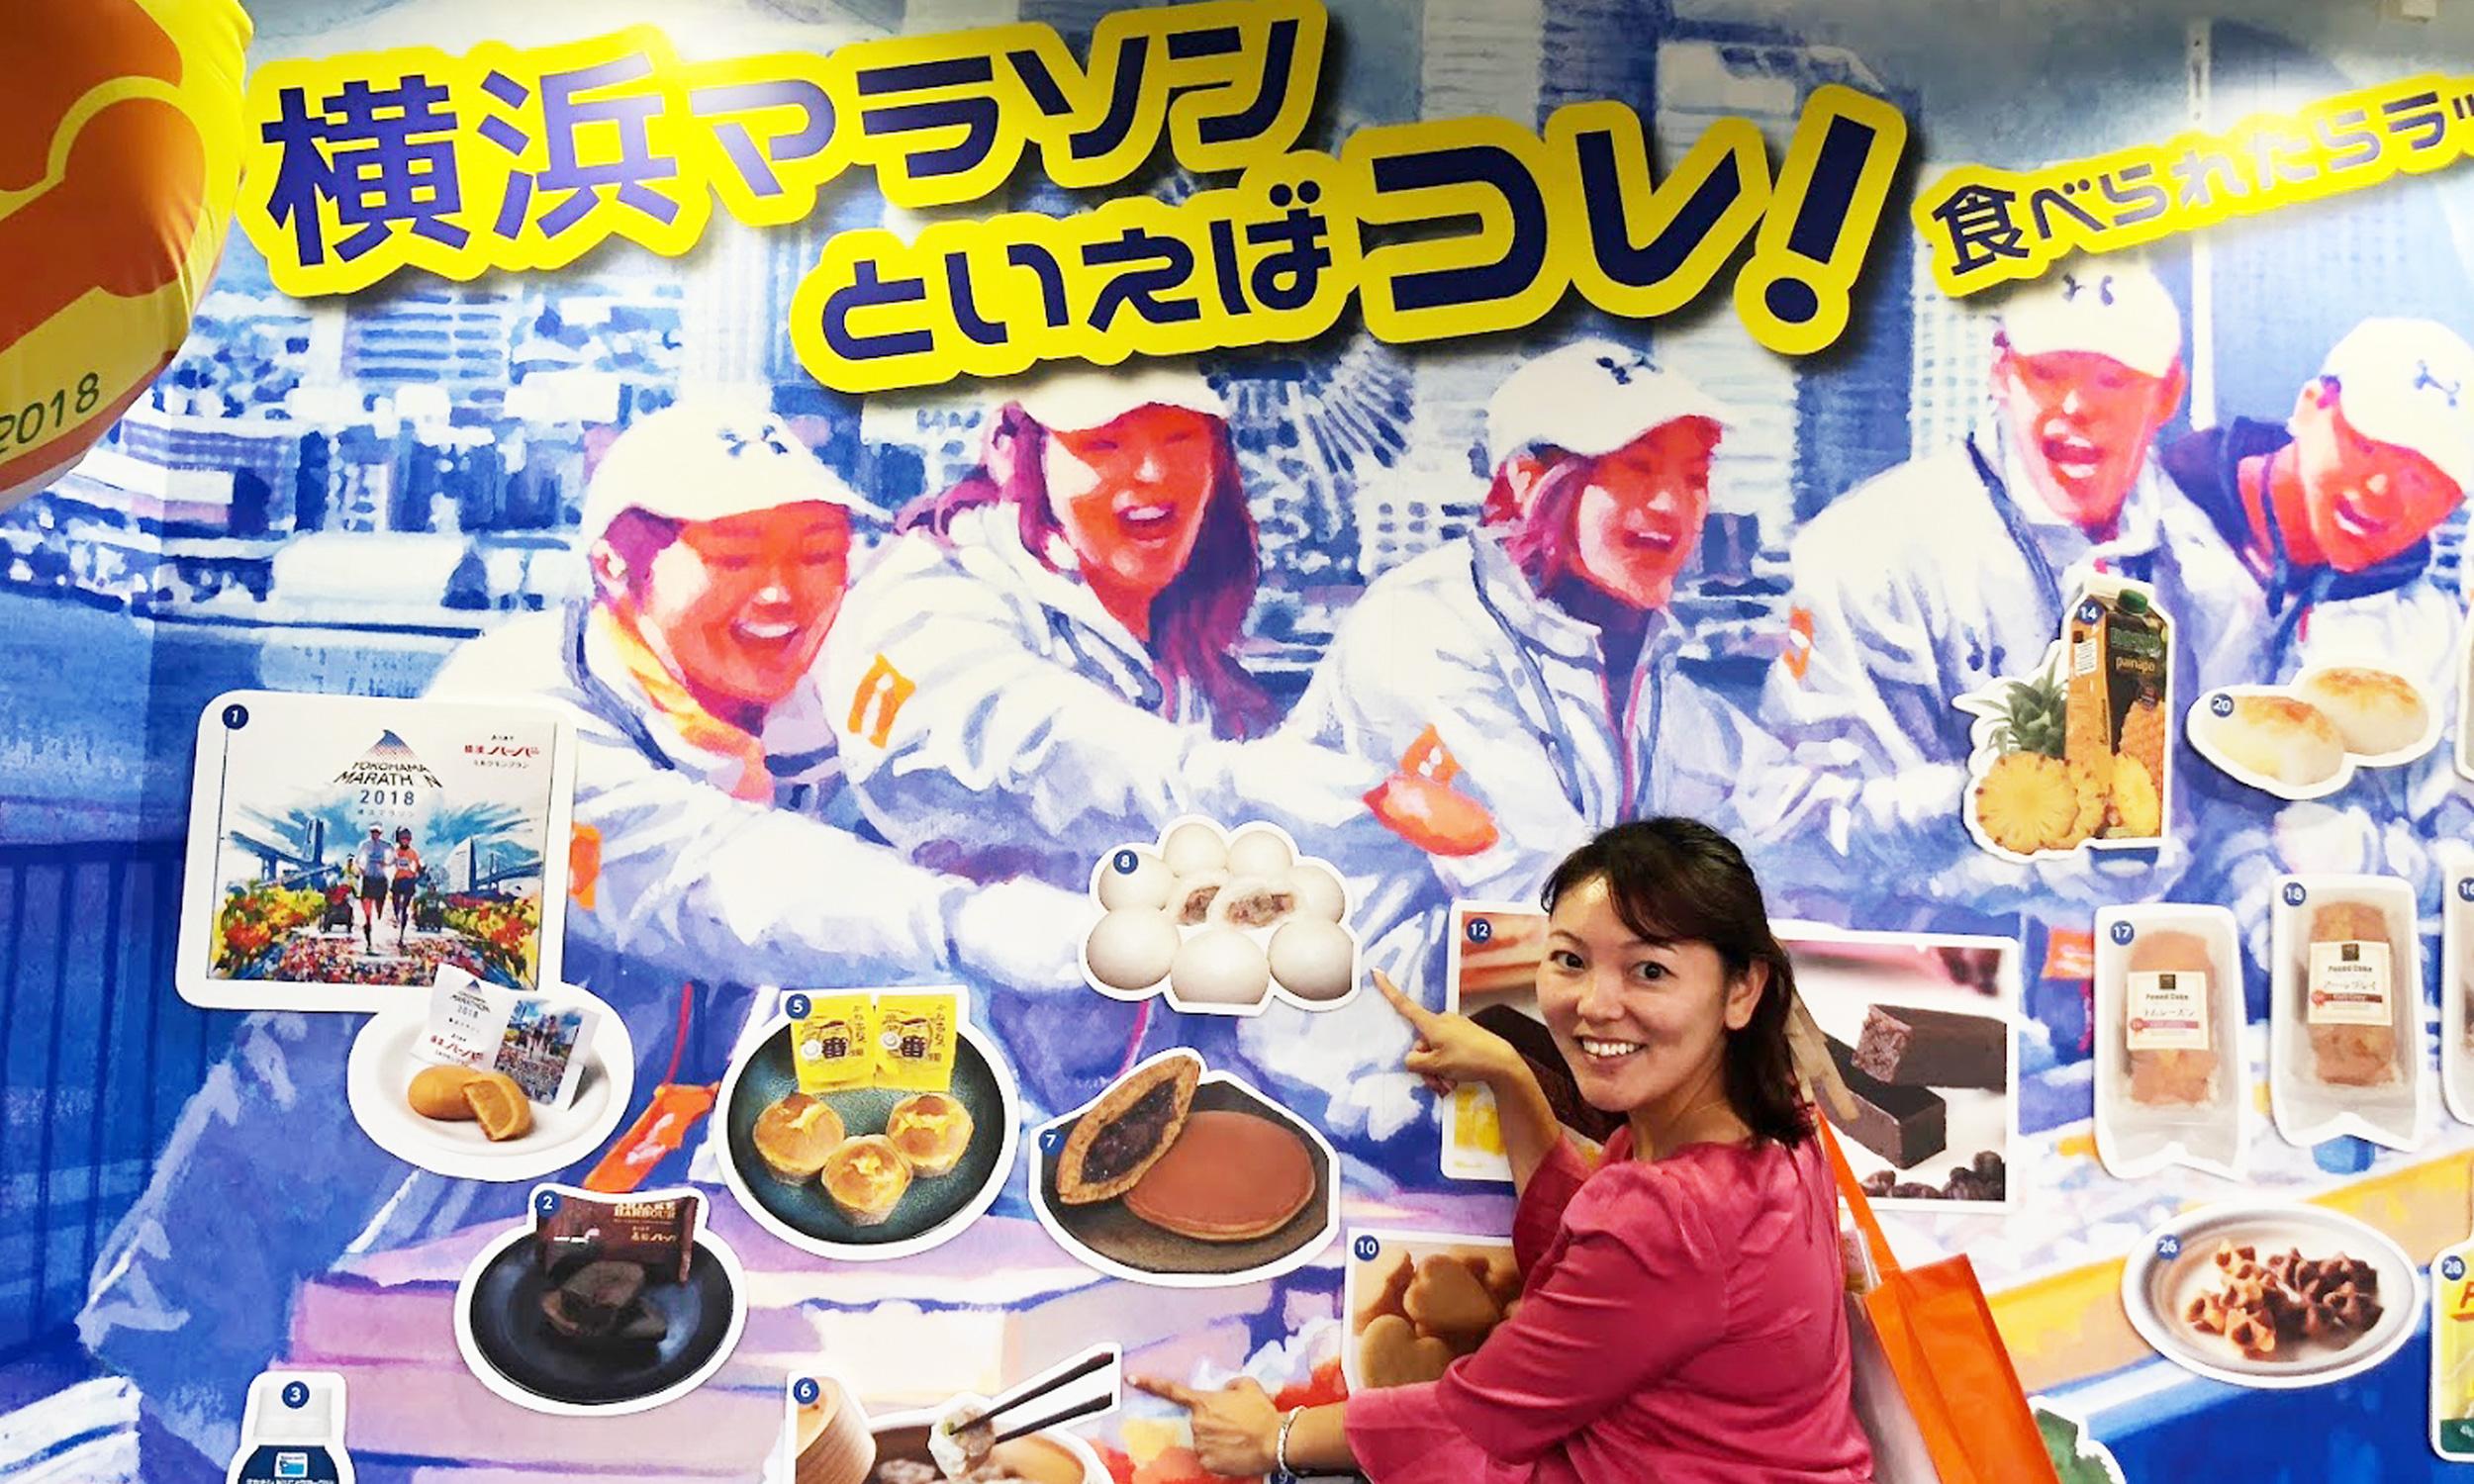 横浜マラソン 事前エントリー ラッキー給食 給食 食べたい 2018